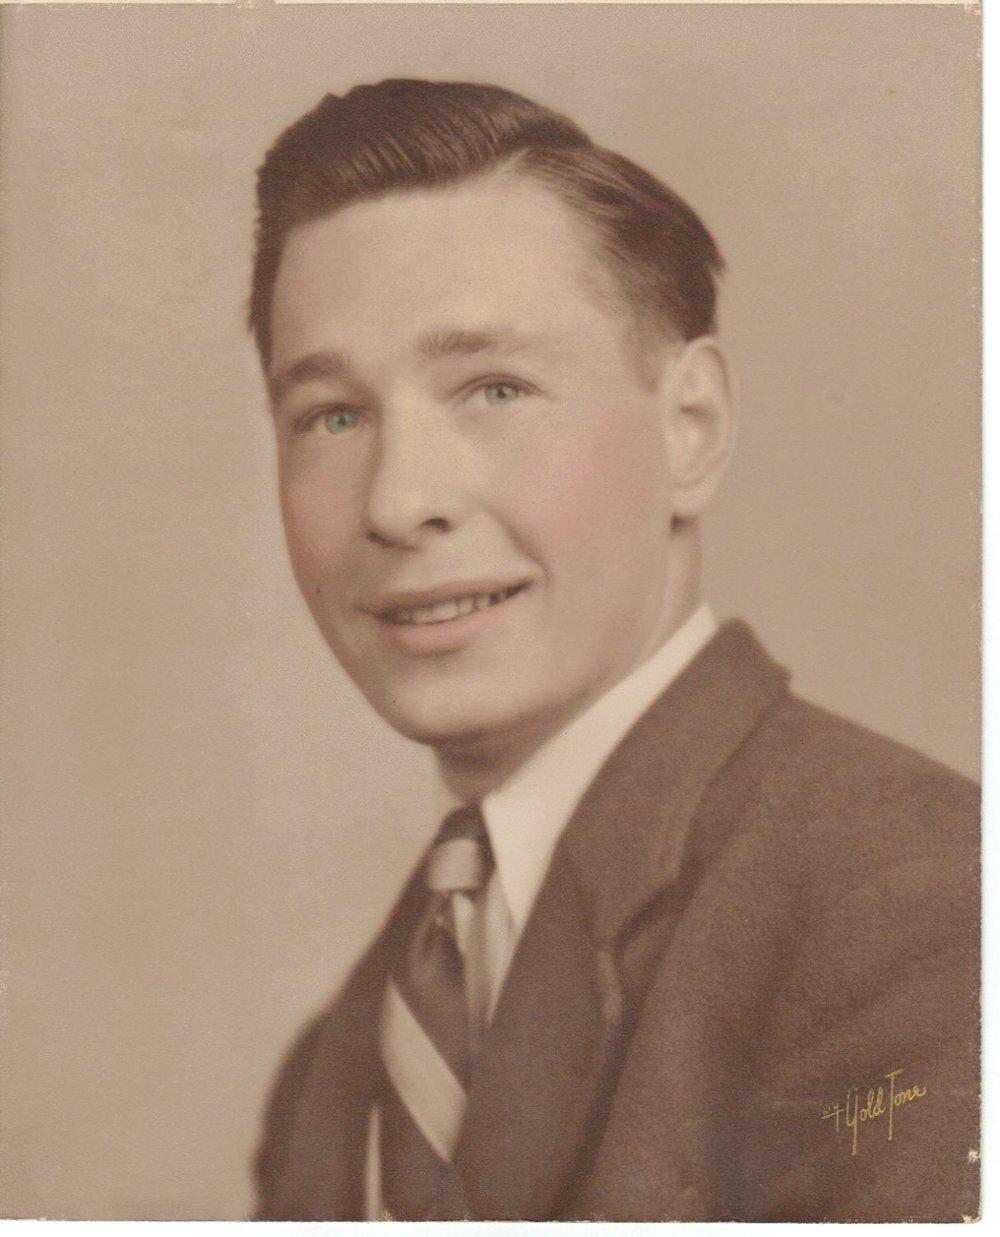 papa_1947.jpg